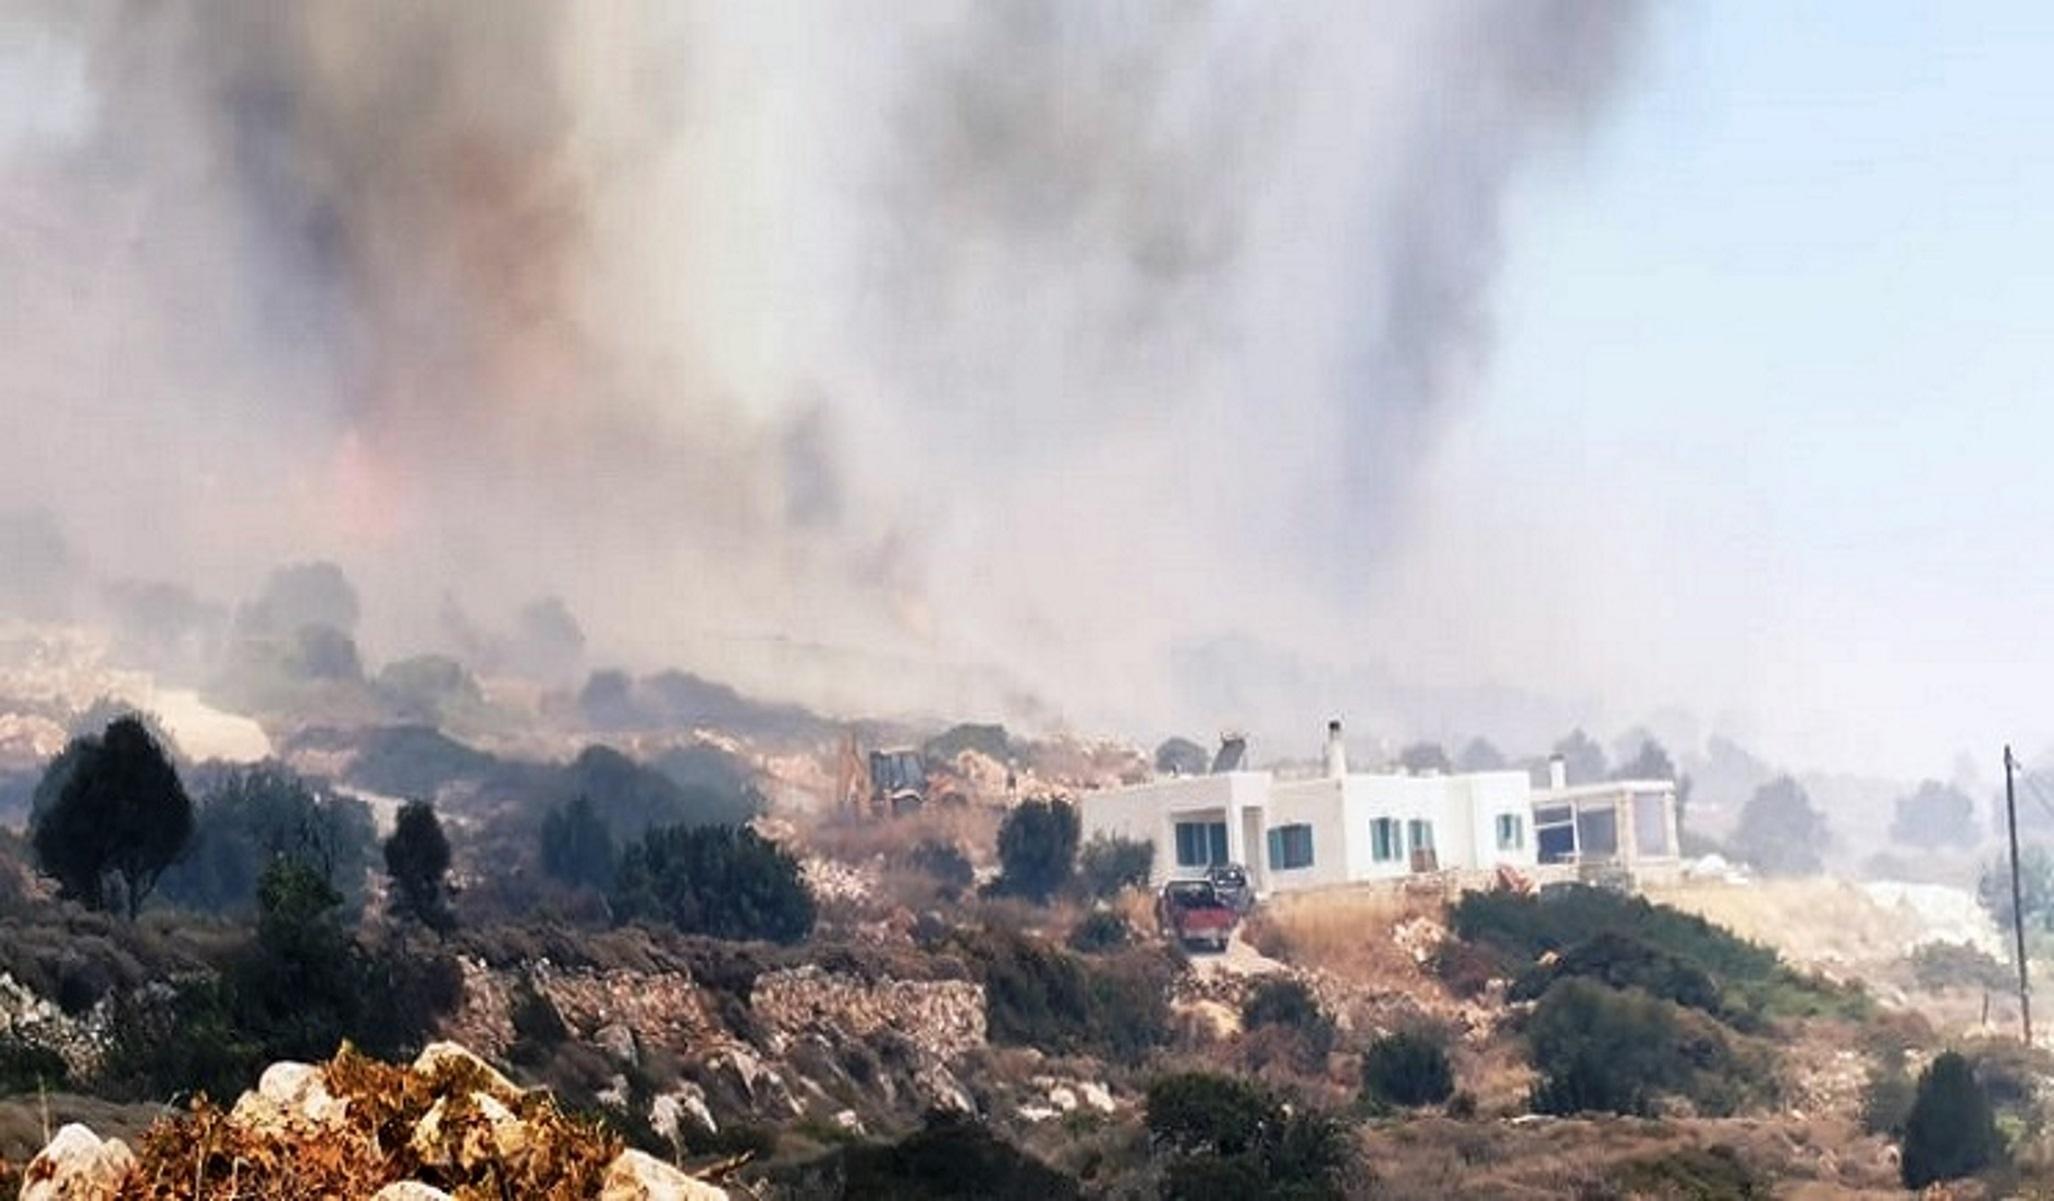 Φωτιά στην Πάρο: Δεν λένε να τιθασευτούν οι φλόγες – Συνεχείς  αναζωπυρώσεις (video)